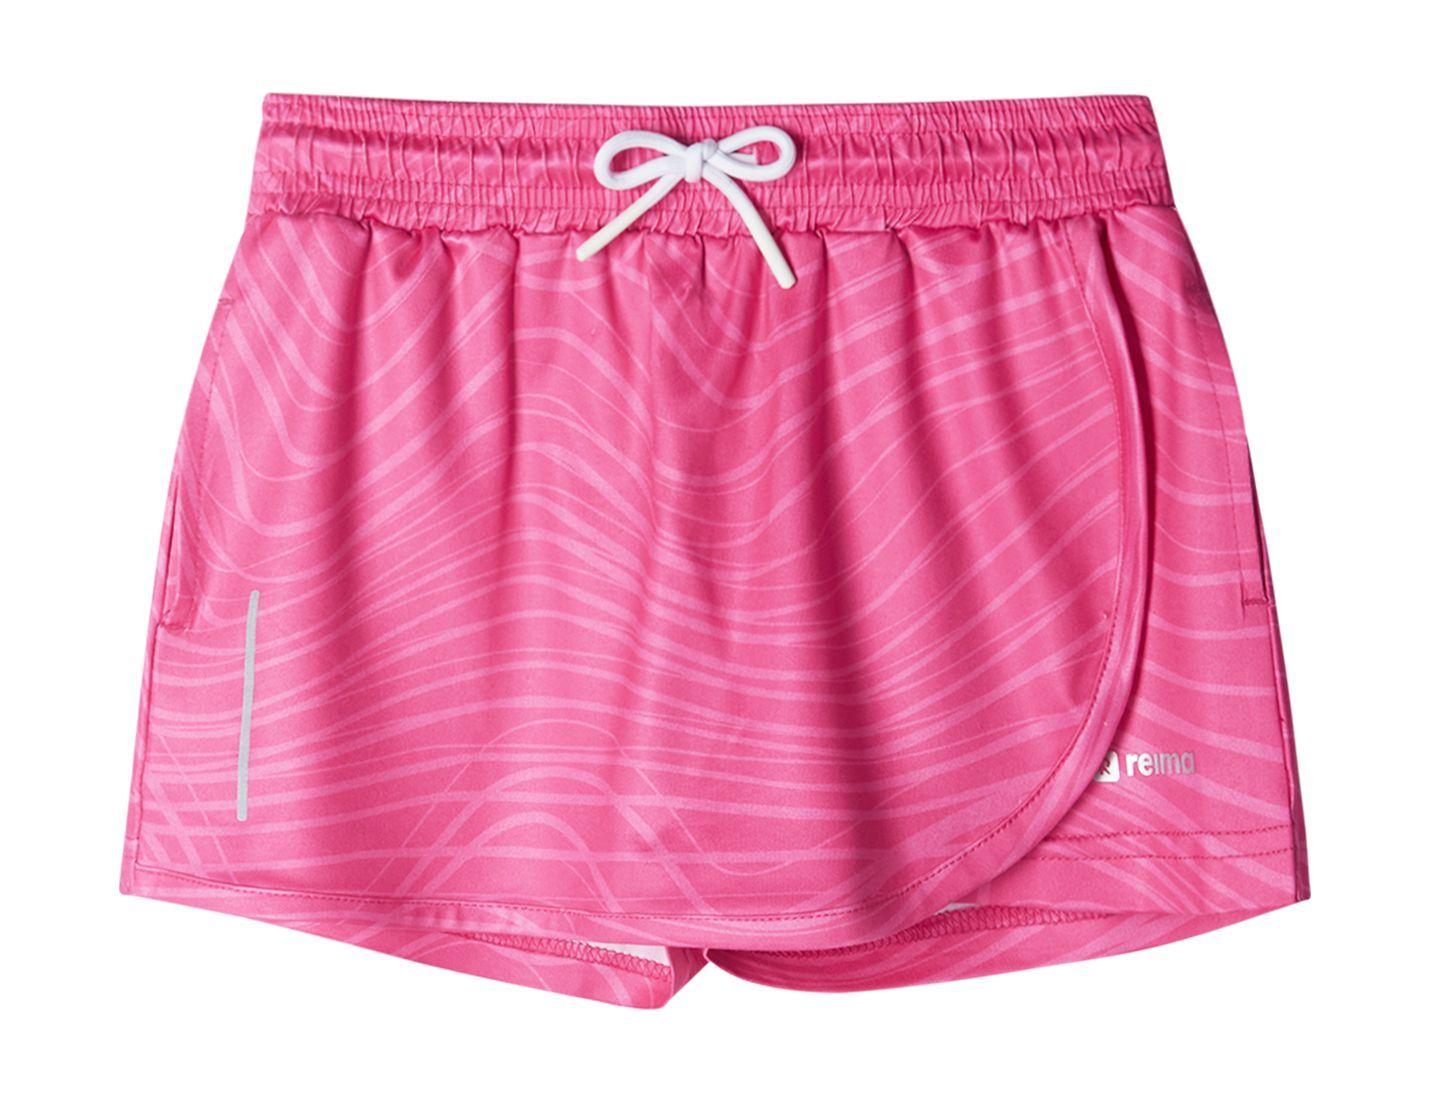 REIMA Liikkuen Fuchsia Pink 104